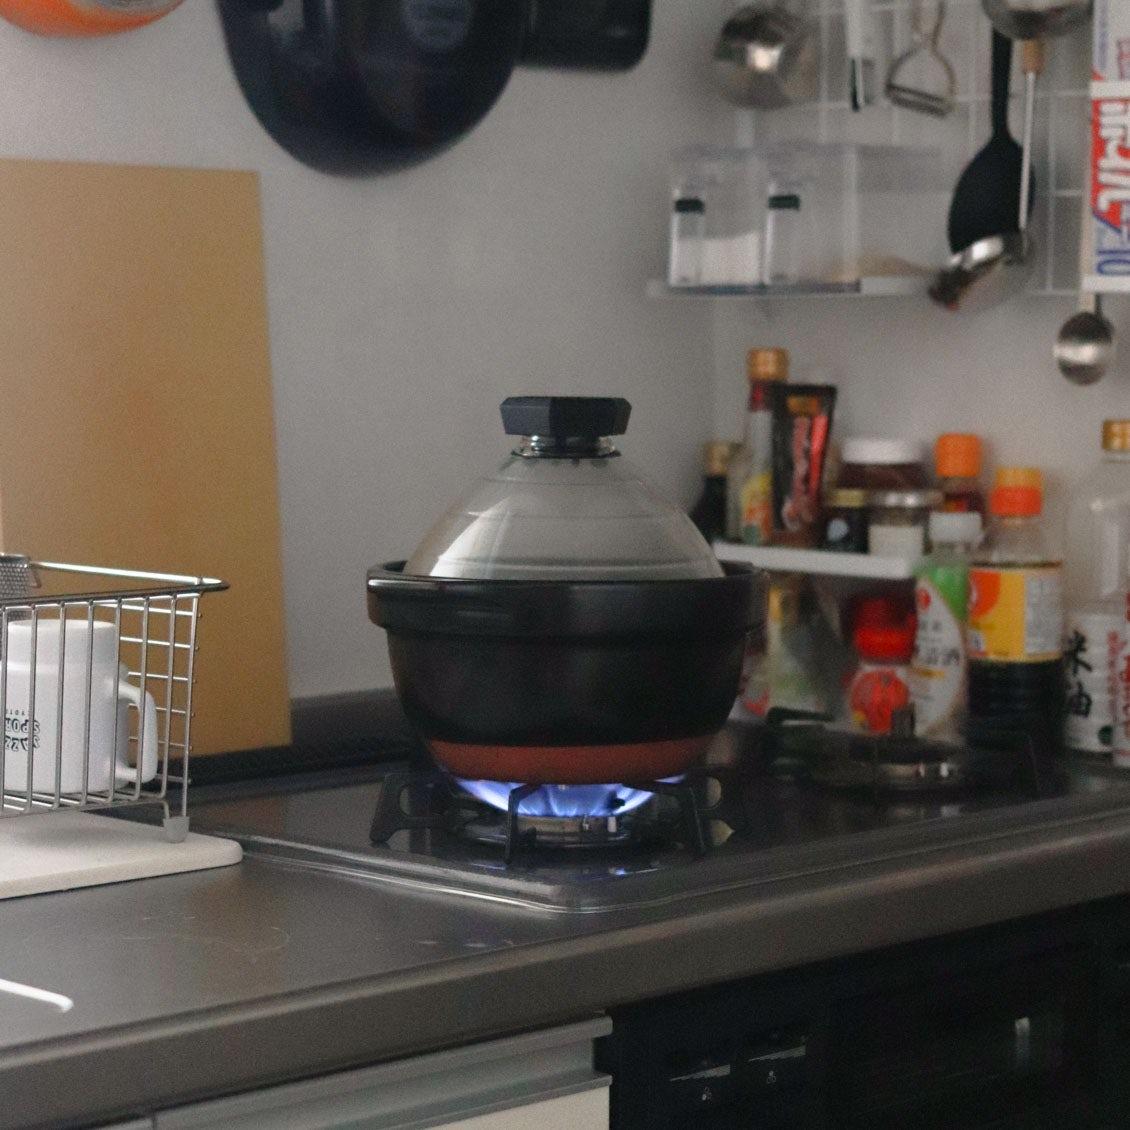 【スタッフの愛用品】毎日のごはんがちょっぴり贅沢に。簡単においしいごはんが炊ける土鍋